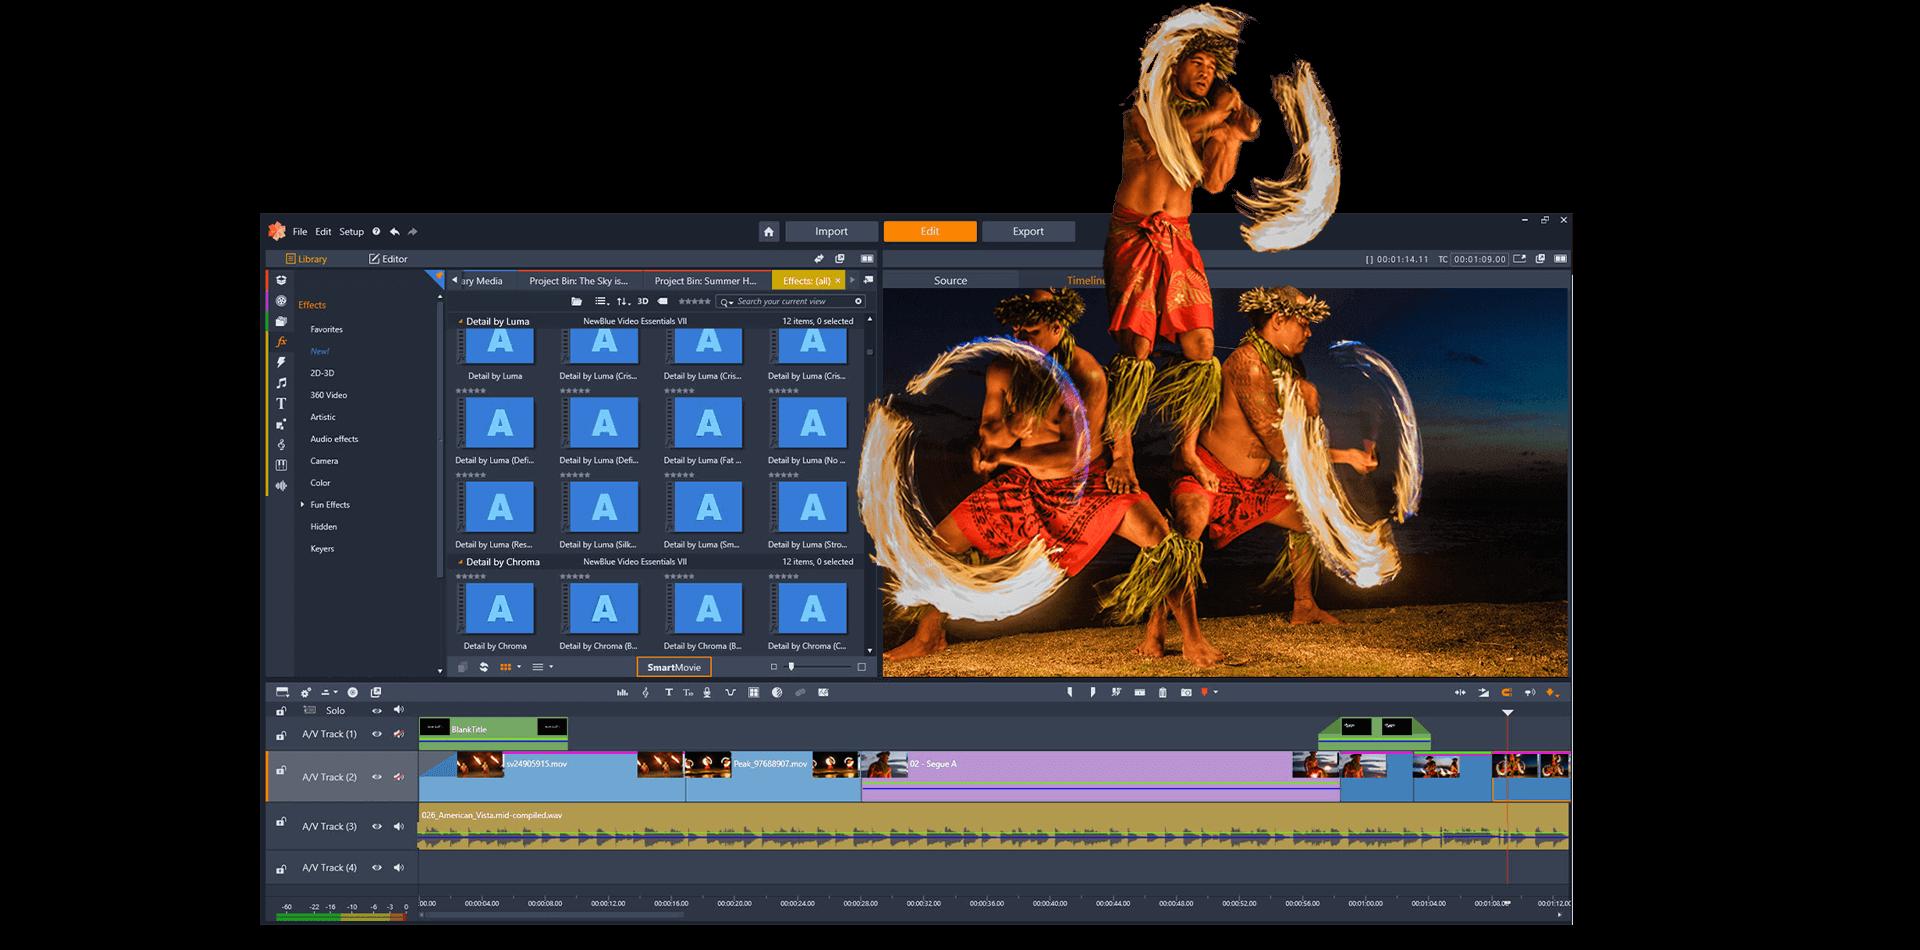 Pinnacle Studio Screenshot